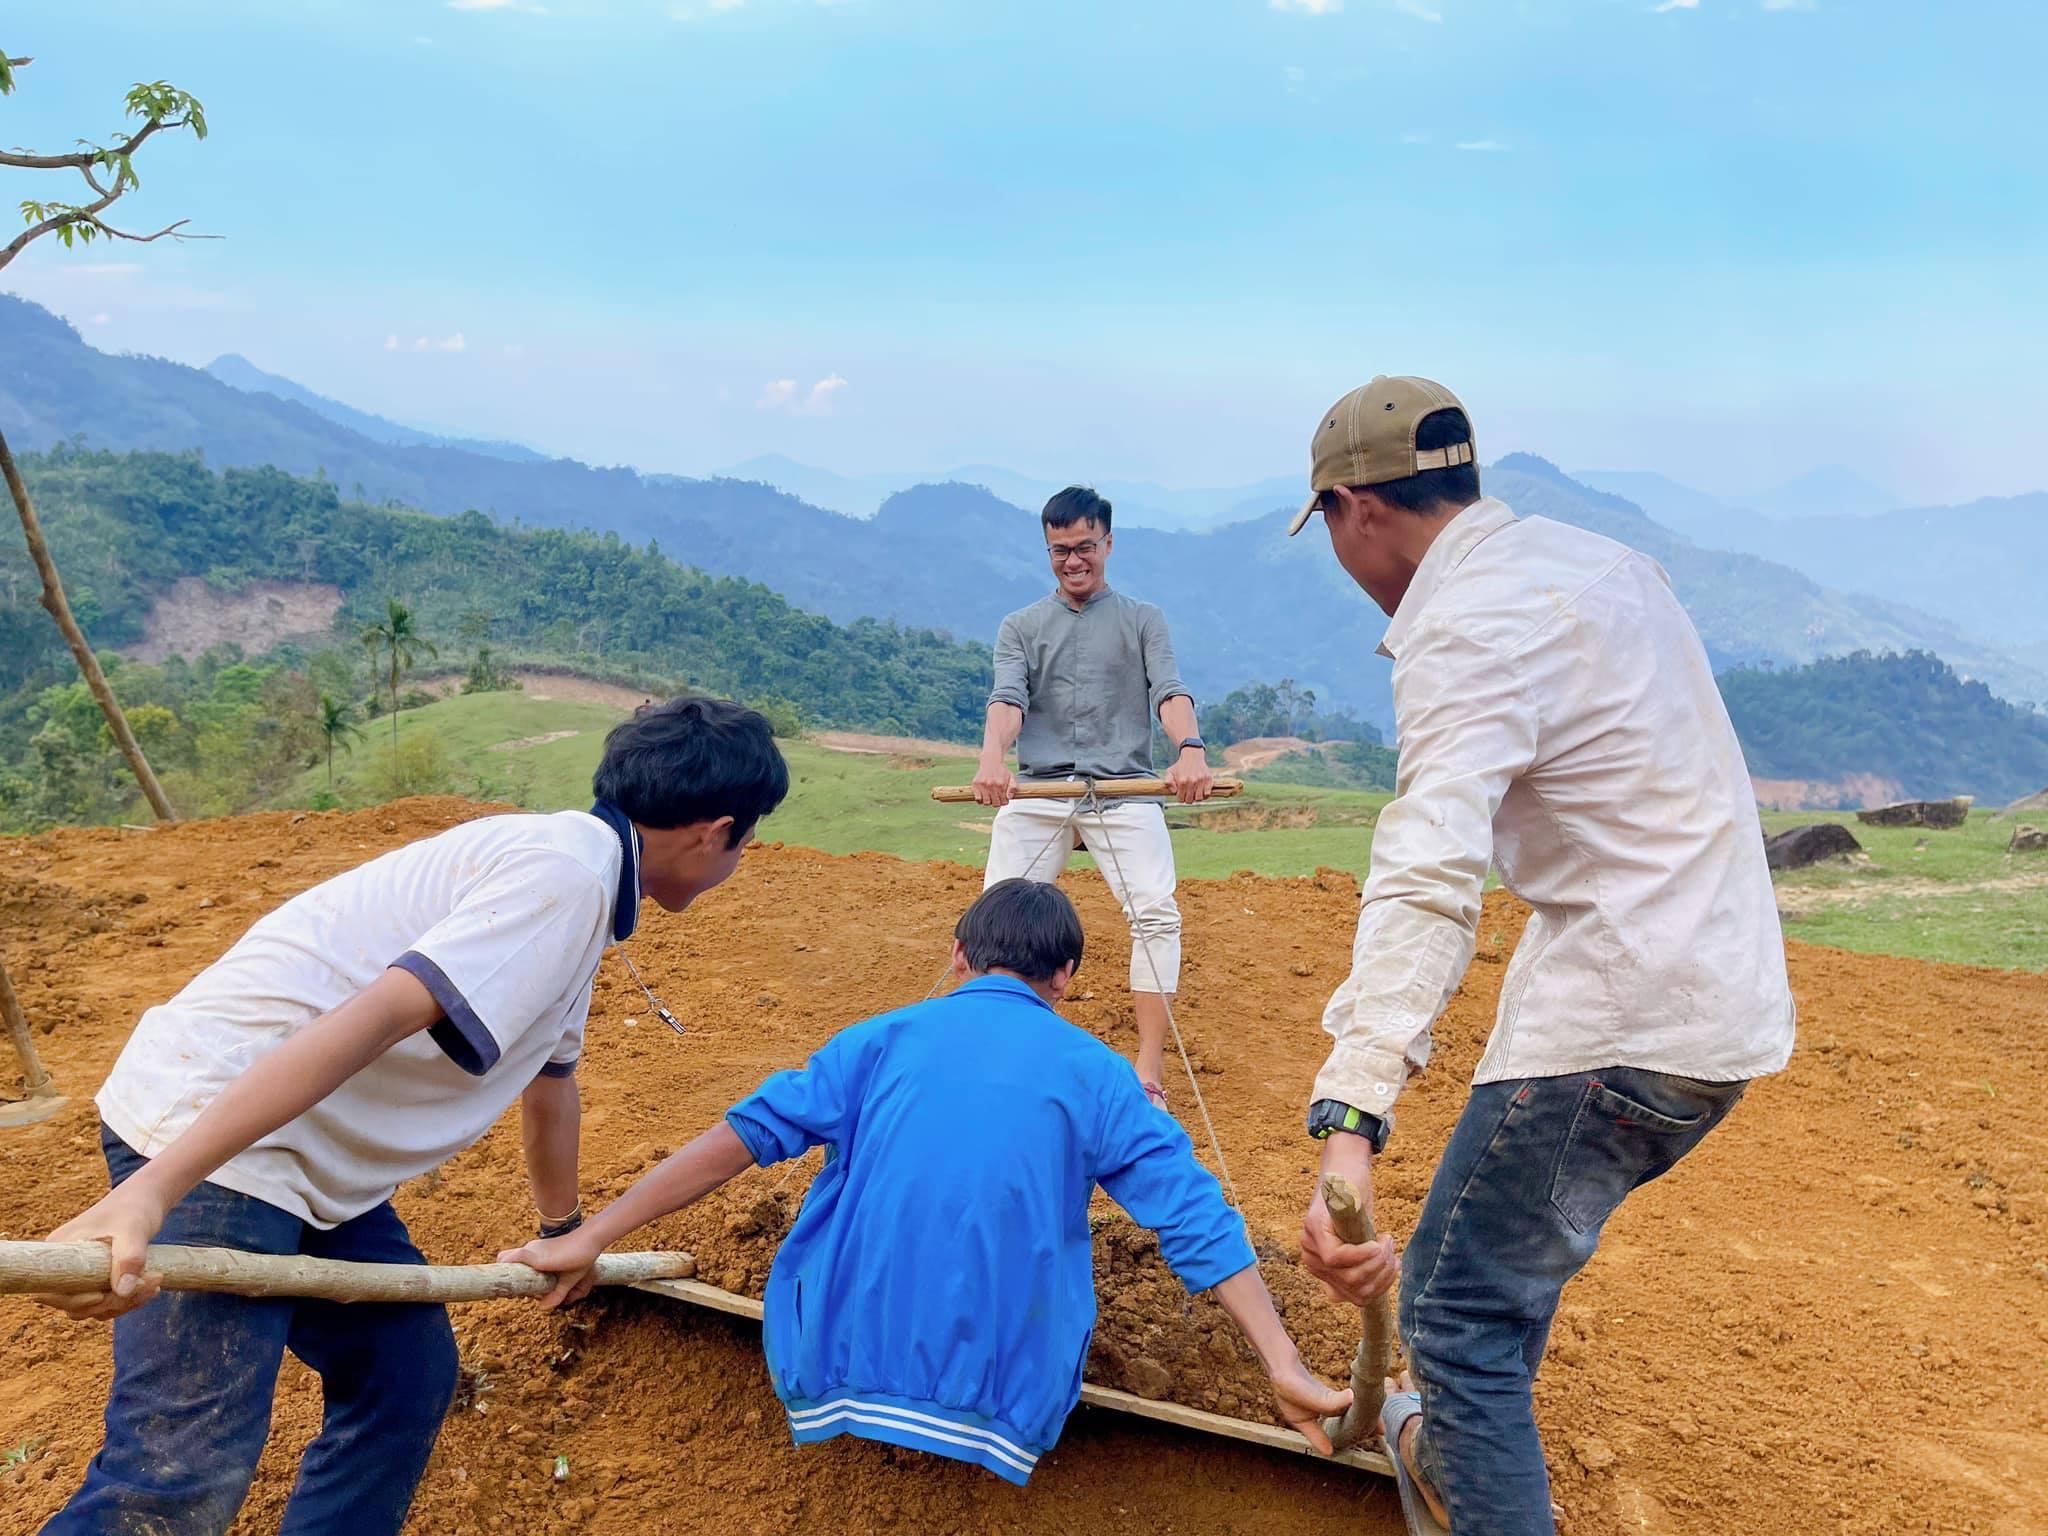 Du lịch tình nguyện góp phần phát triển kinh tế, nâng cao ý thức bảo vệ môi trường, giữ gìn giá trị tự nhiên, văn hóa của địa phương. Hình: Sưu tầm